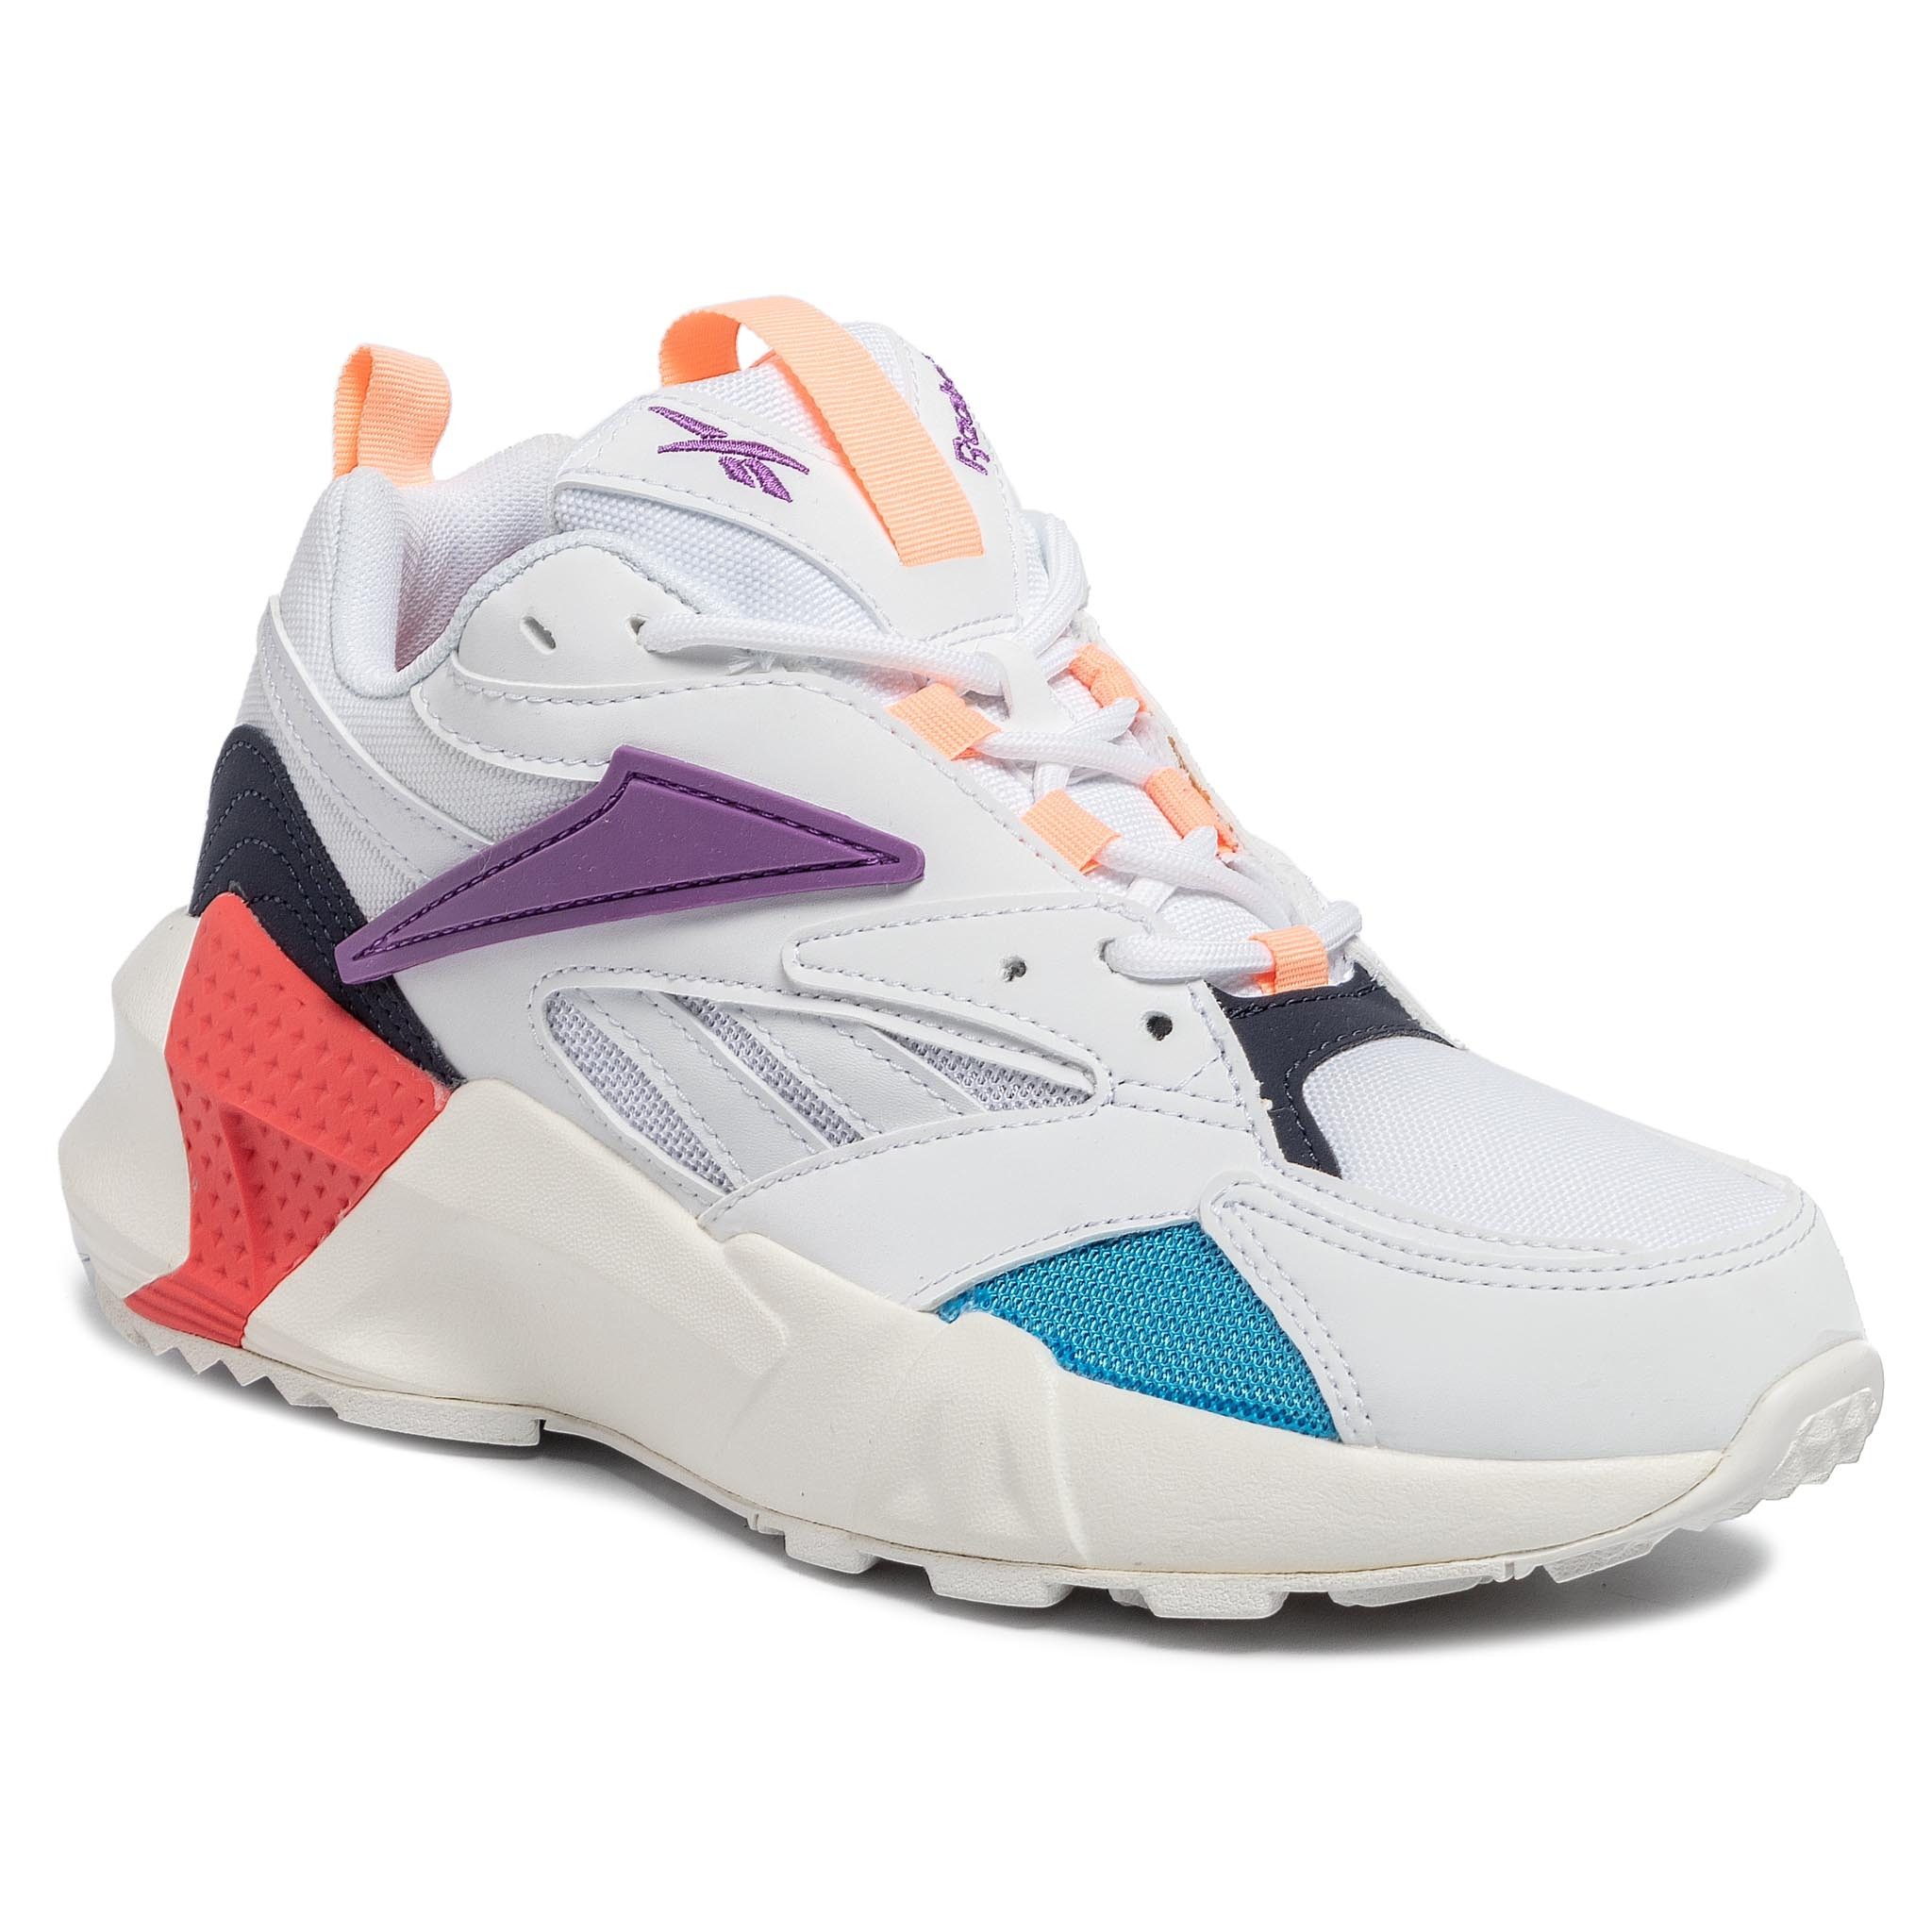 Pantofi Reebok - Aztrek Double Mix Pops DV8171 White/Grape Punch/Bright